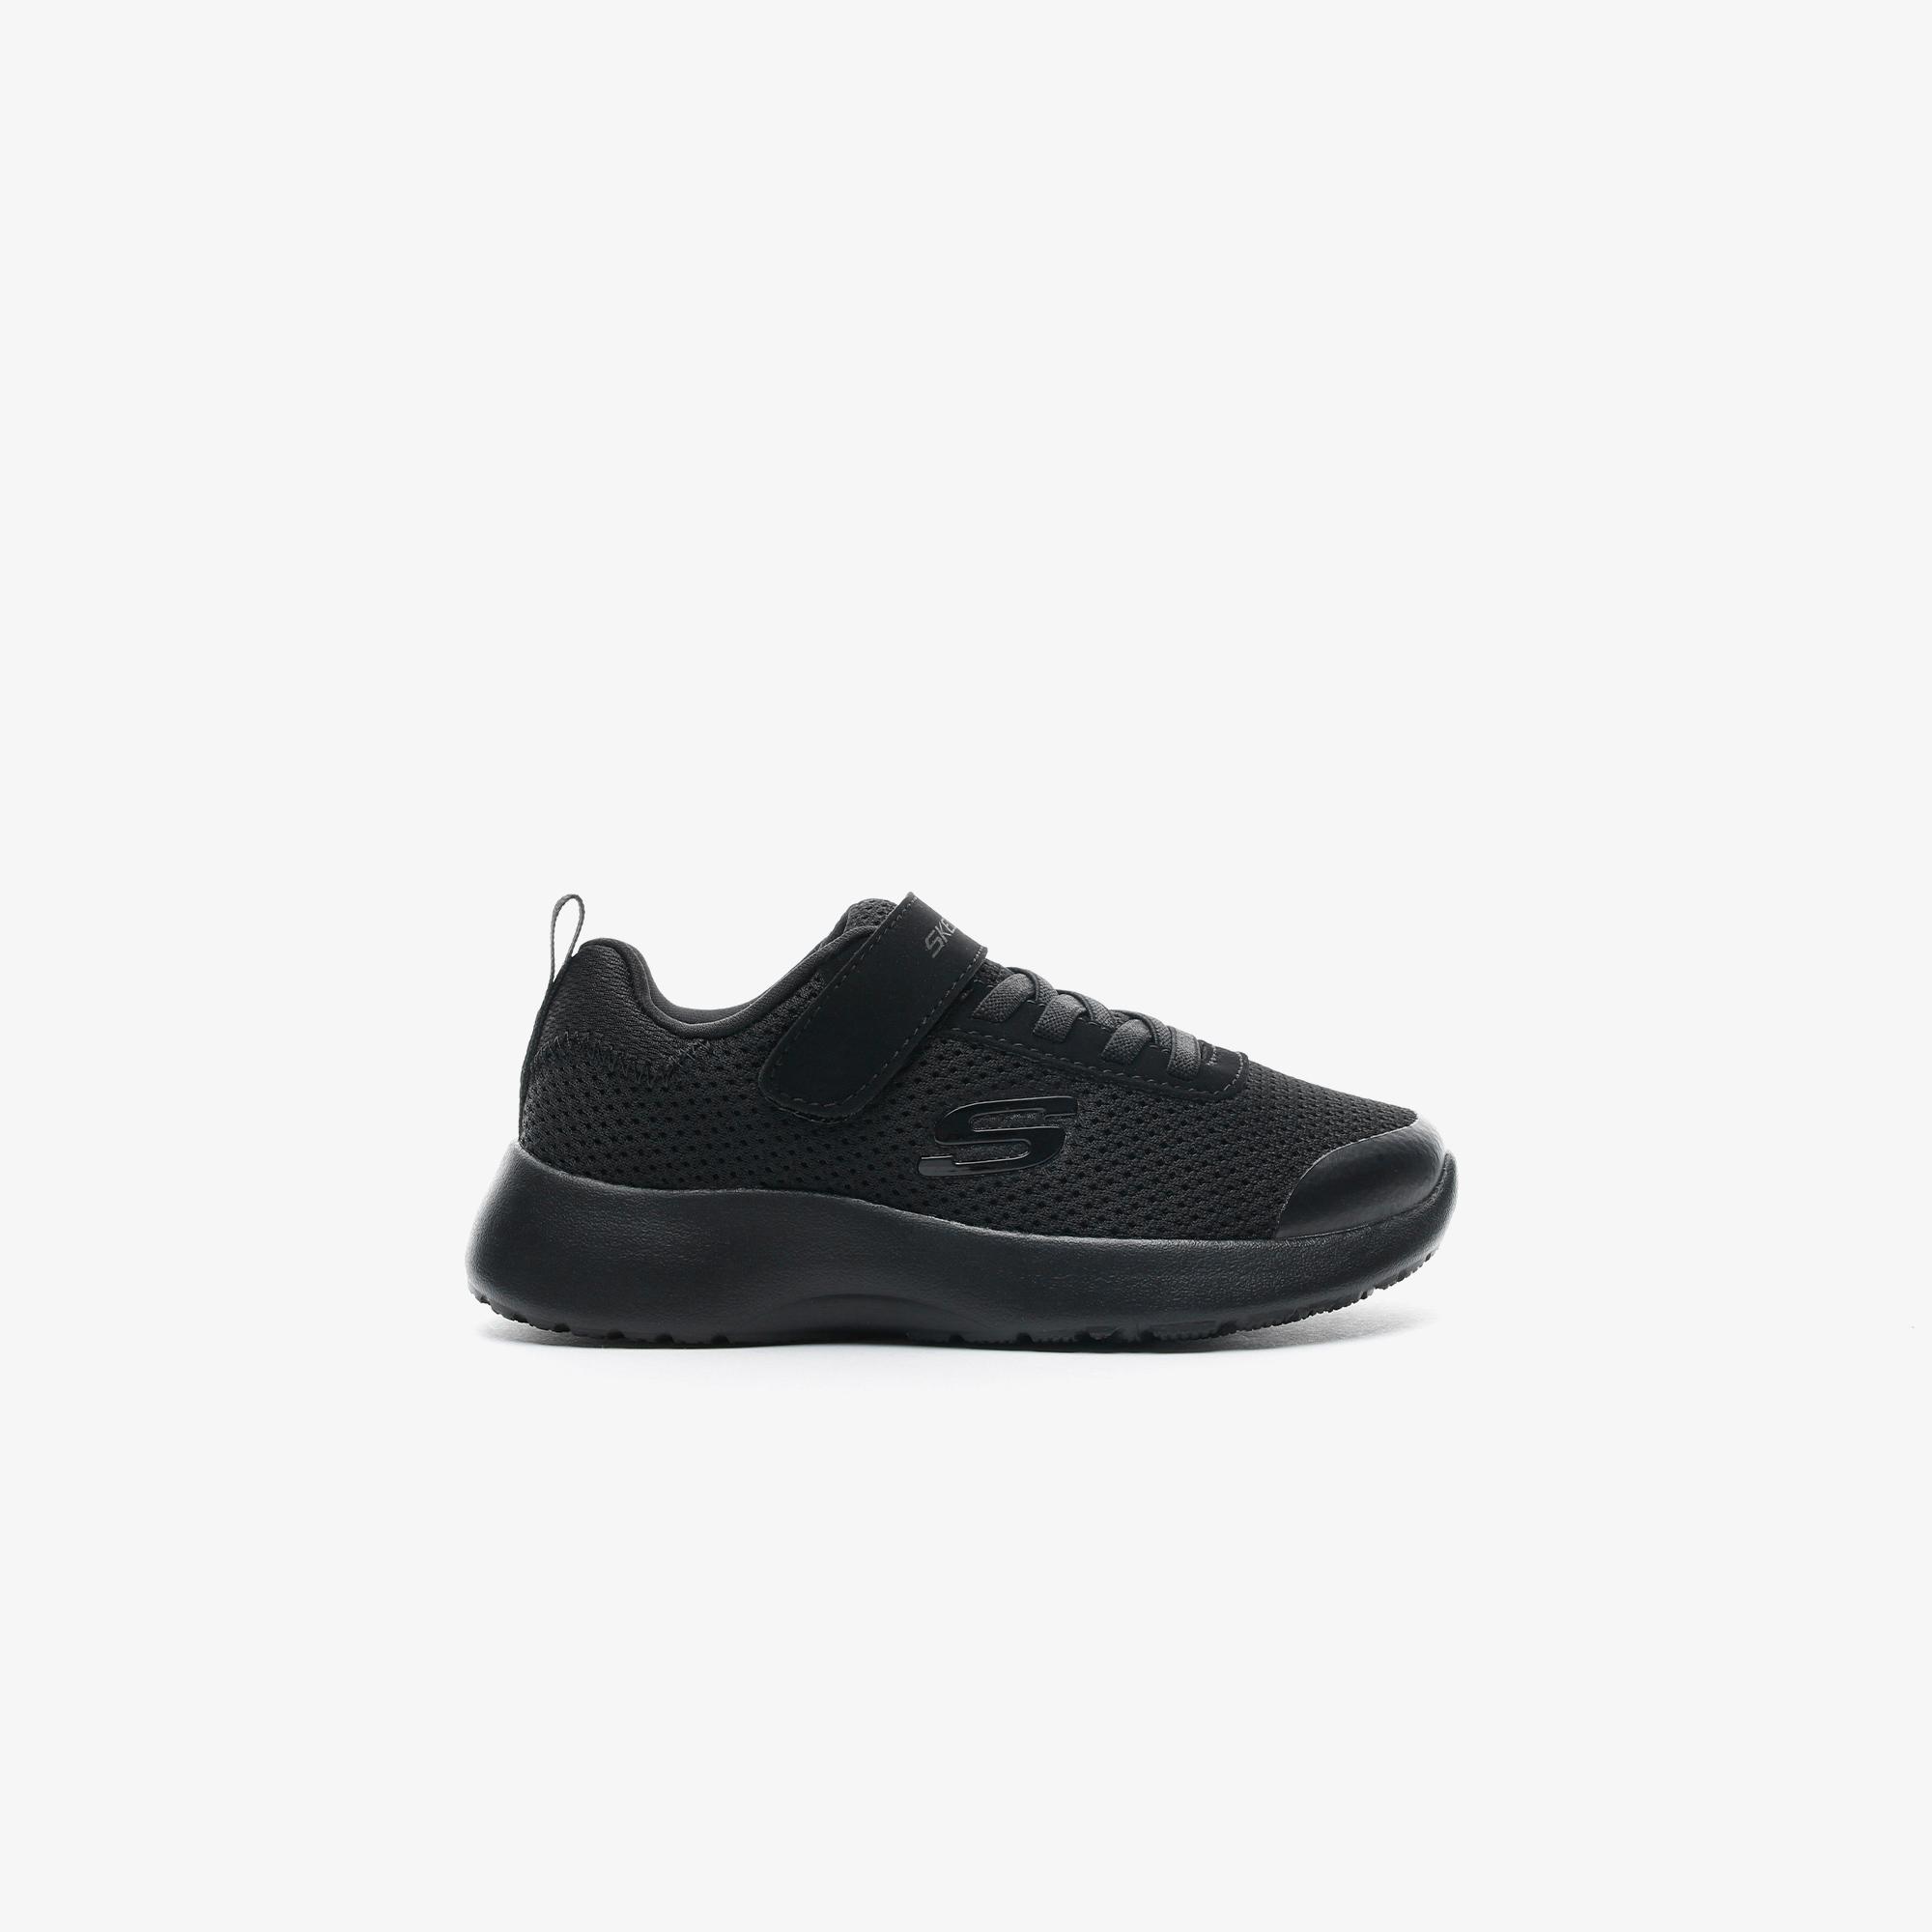 Skechers Dynamight - Ultra Torque Çocuk Siyah Spor Ayakkabı